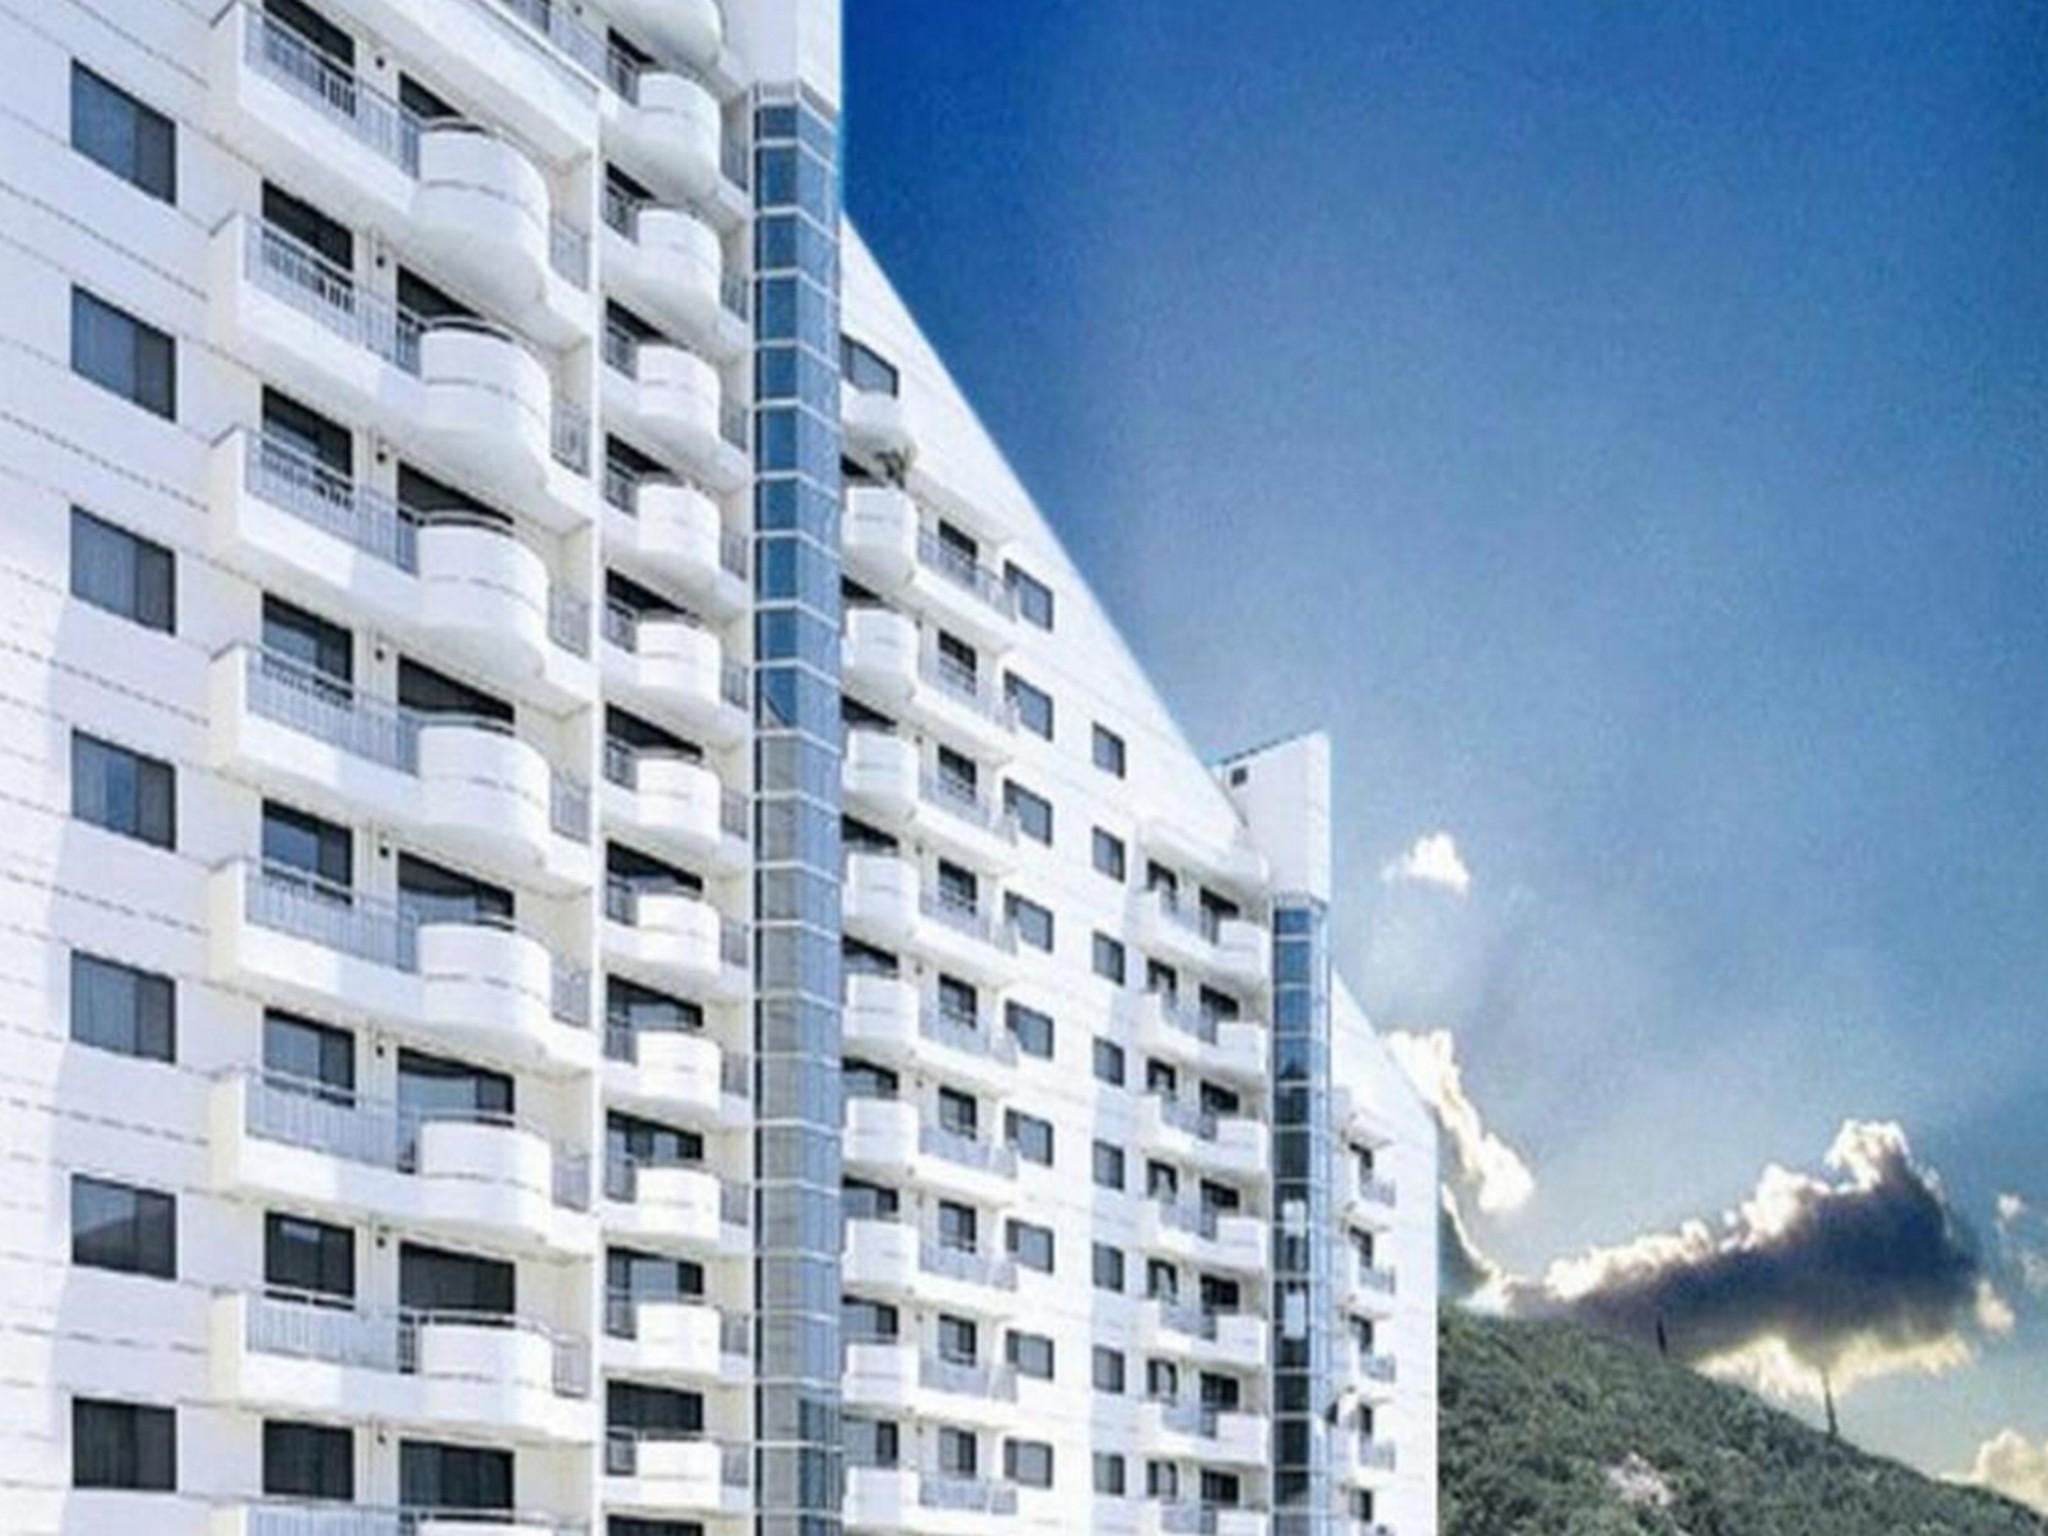 The Grand Suite Residence, Eun-pyeong